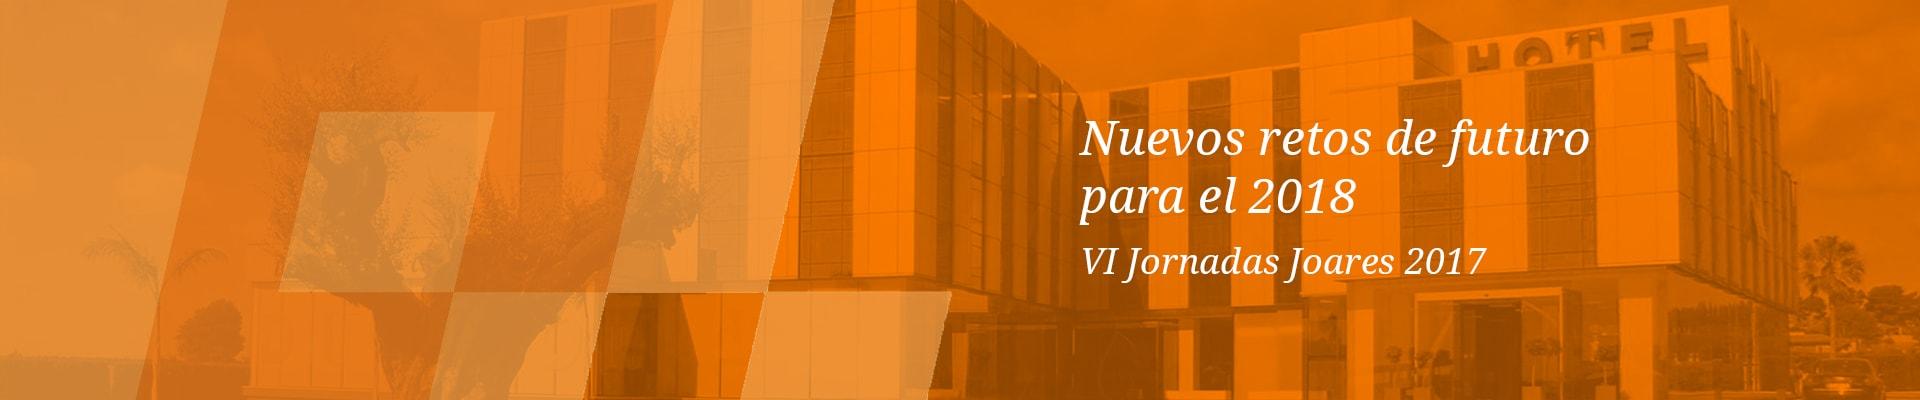 Jornadas Joares 2017